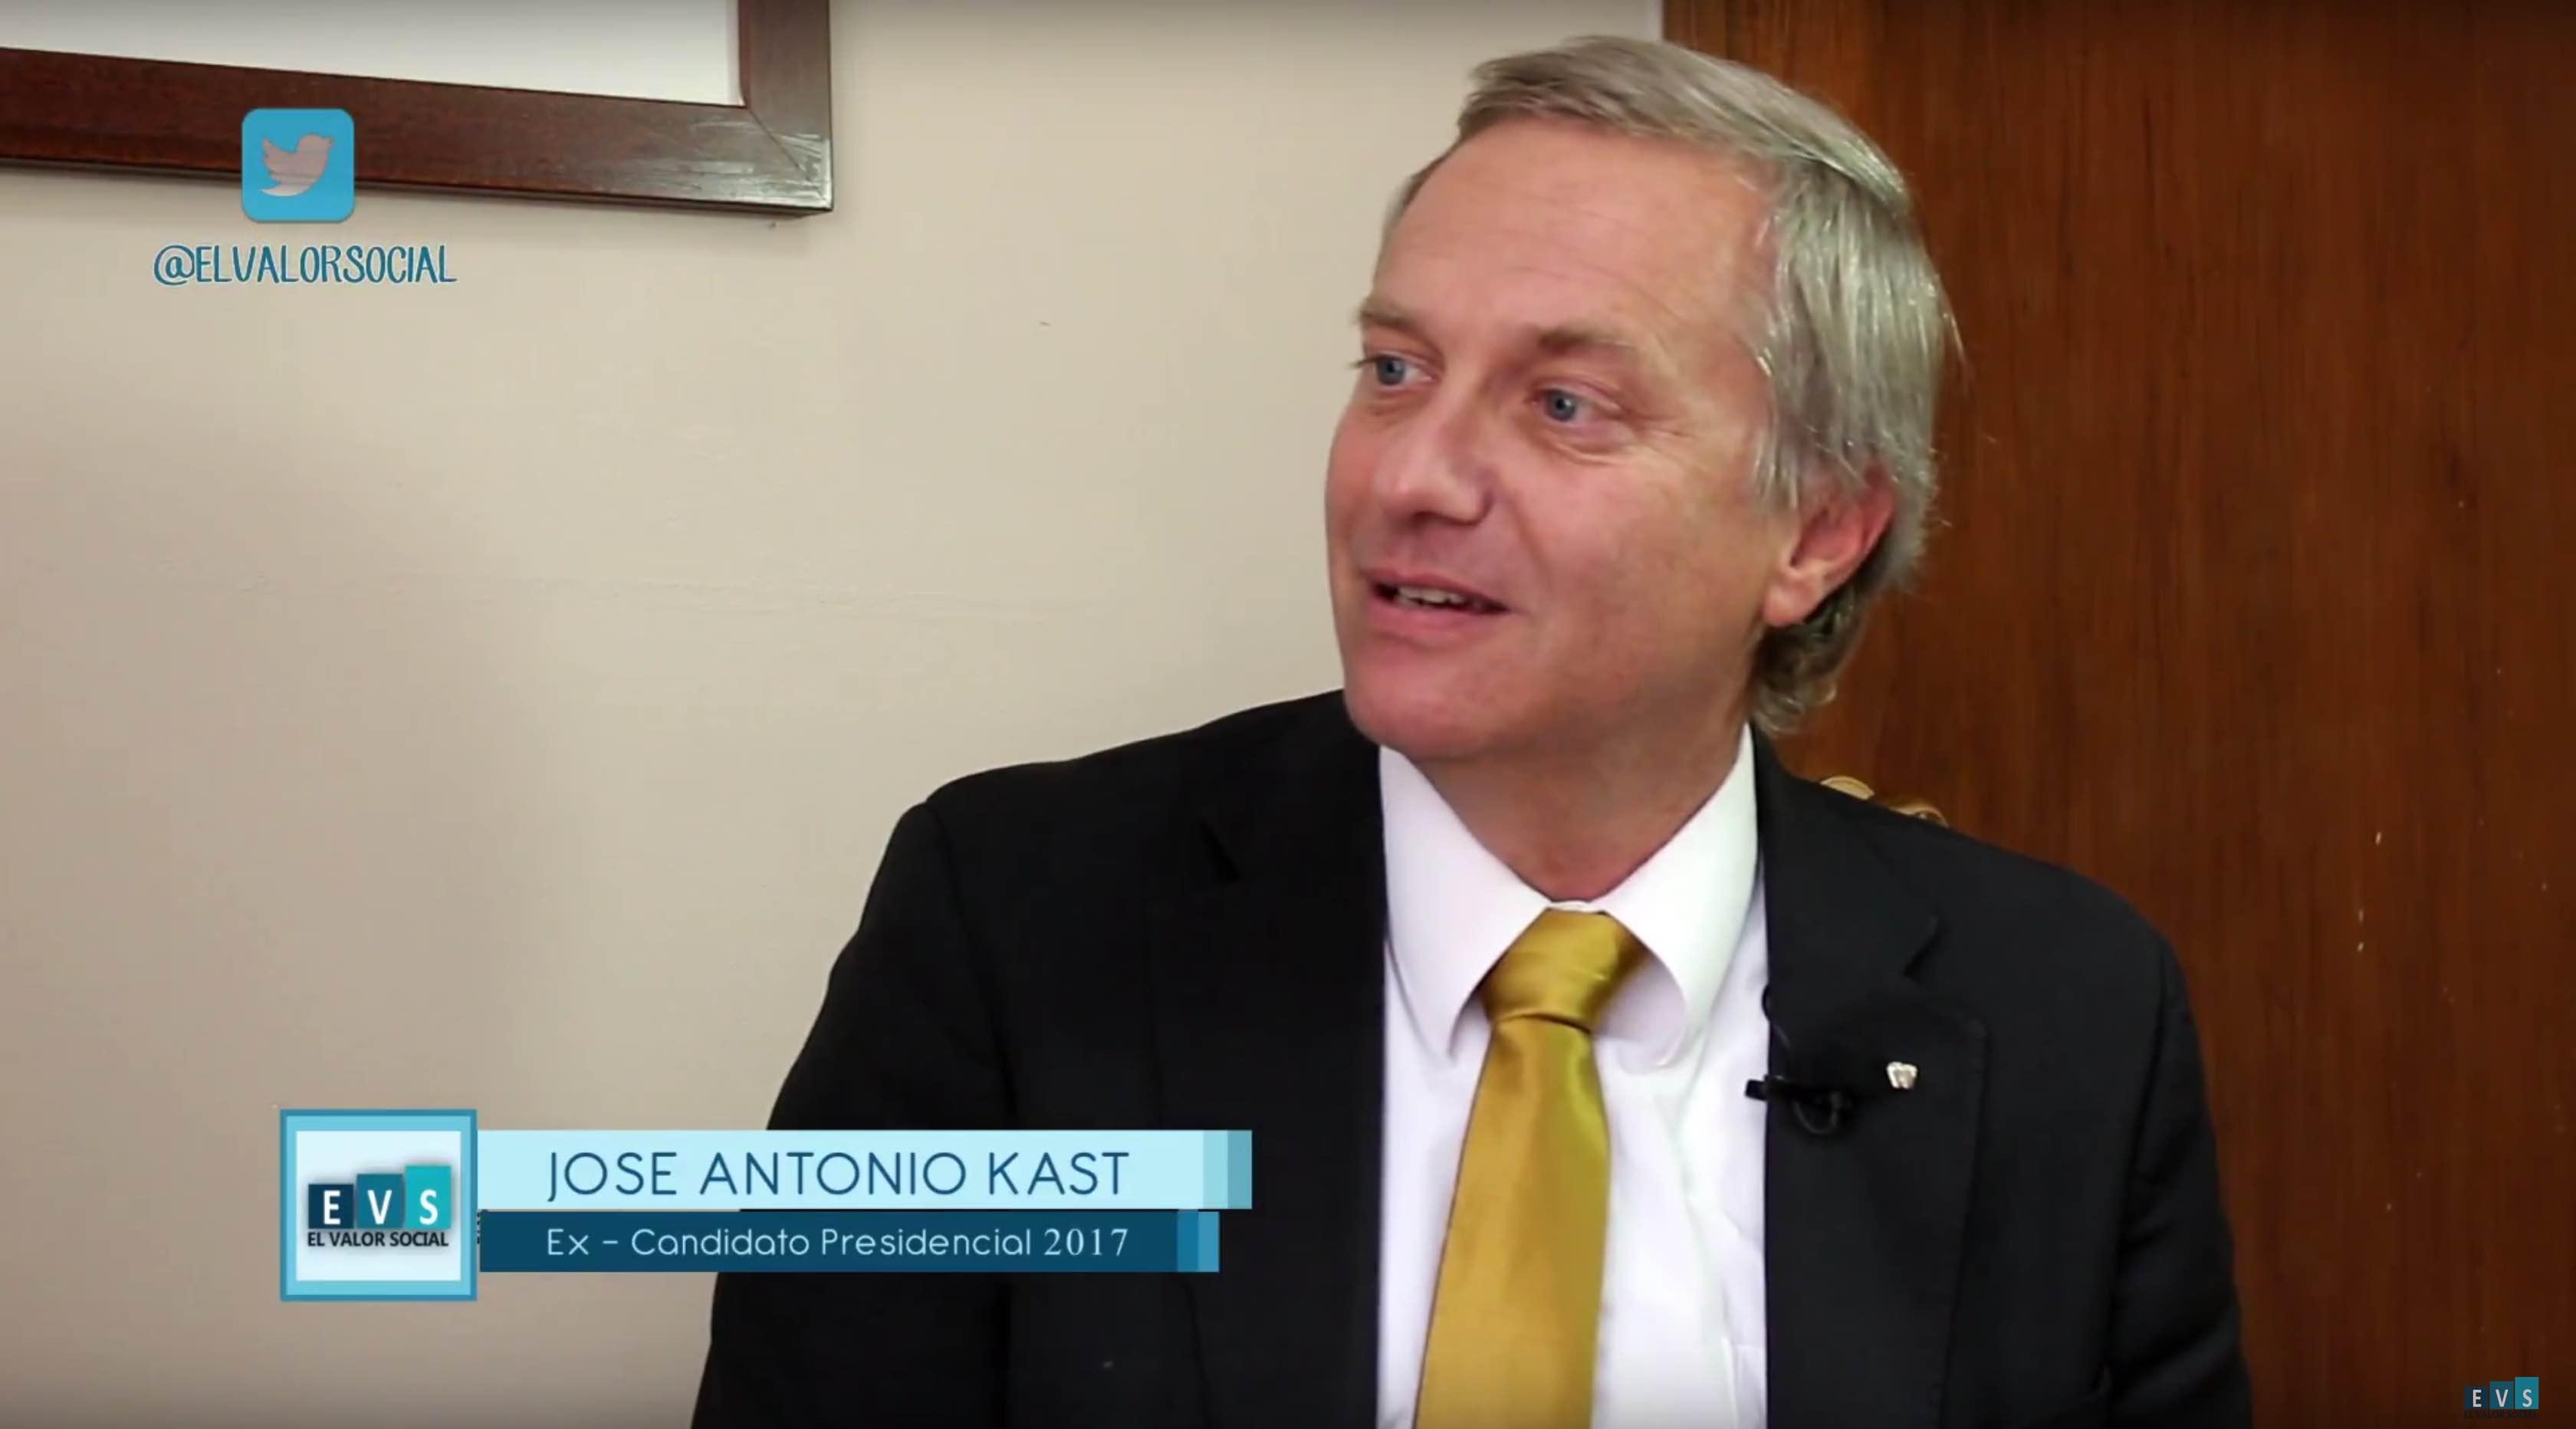 El Valor Social: Entrevista a José Antonio Kast